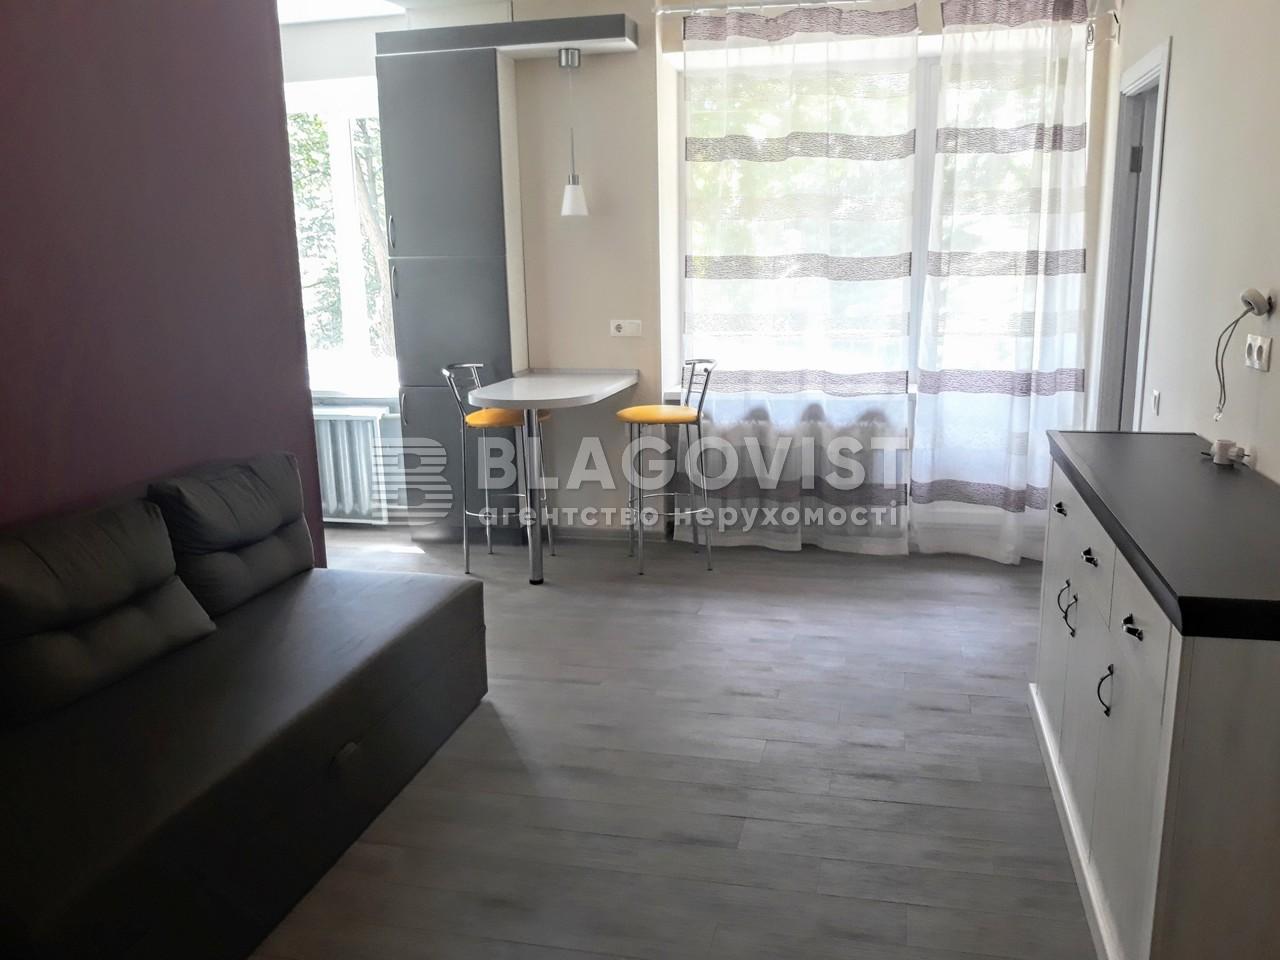 Квартира C-104449, Тютюнника Василия (Барбюса Анри), 5б, Киев - Фото 1